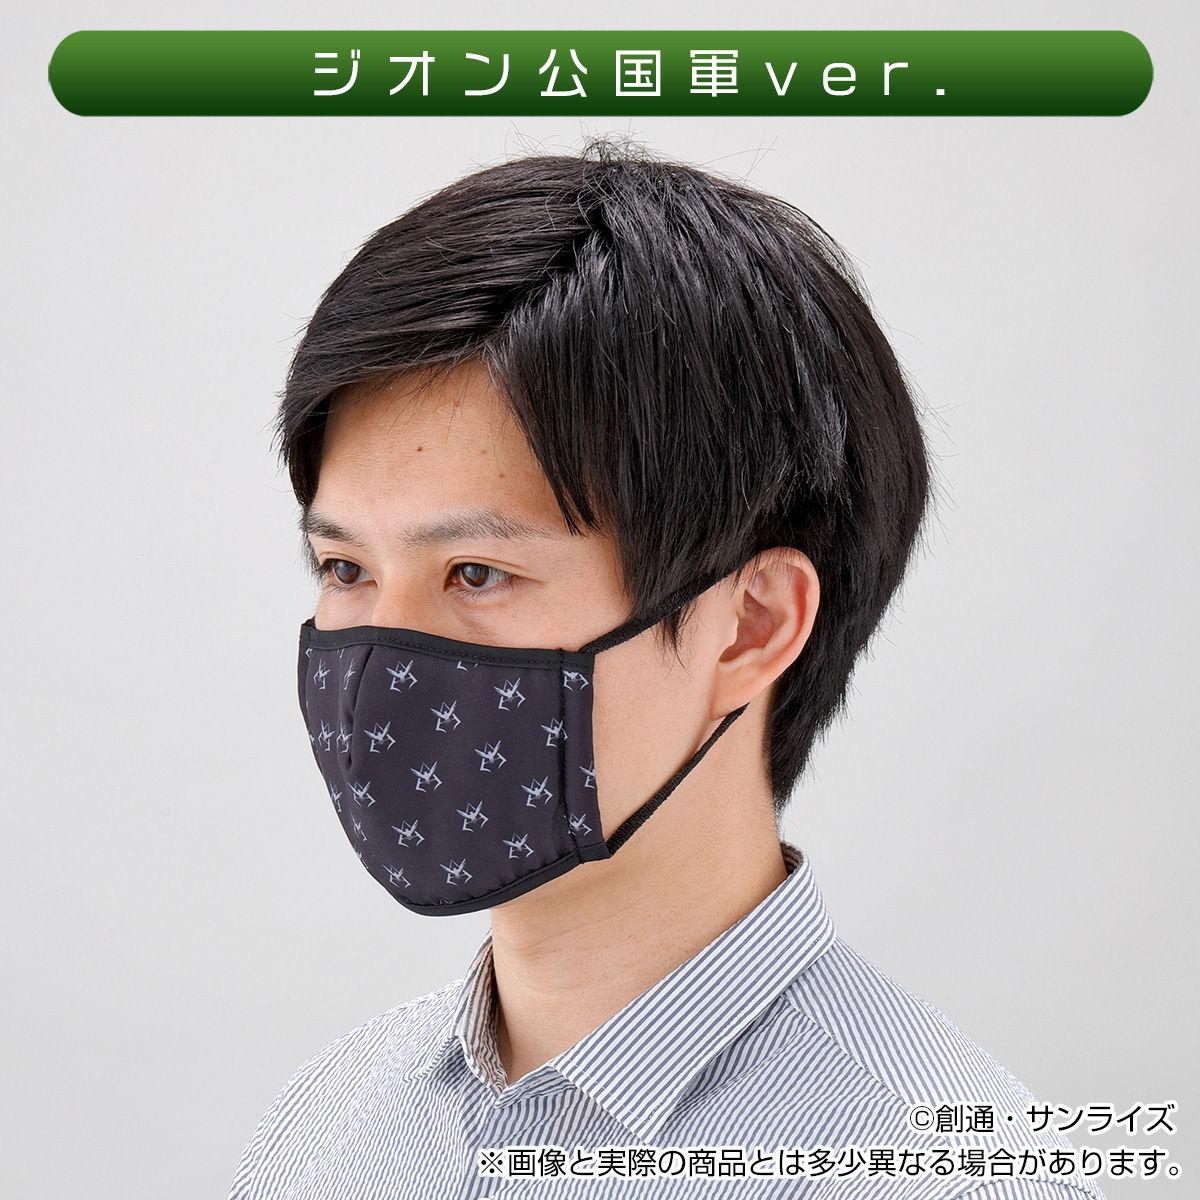 【限定販売】キャラマスク『CHARA-MASK 機動戦士ガンダム』グッズ-005